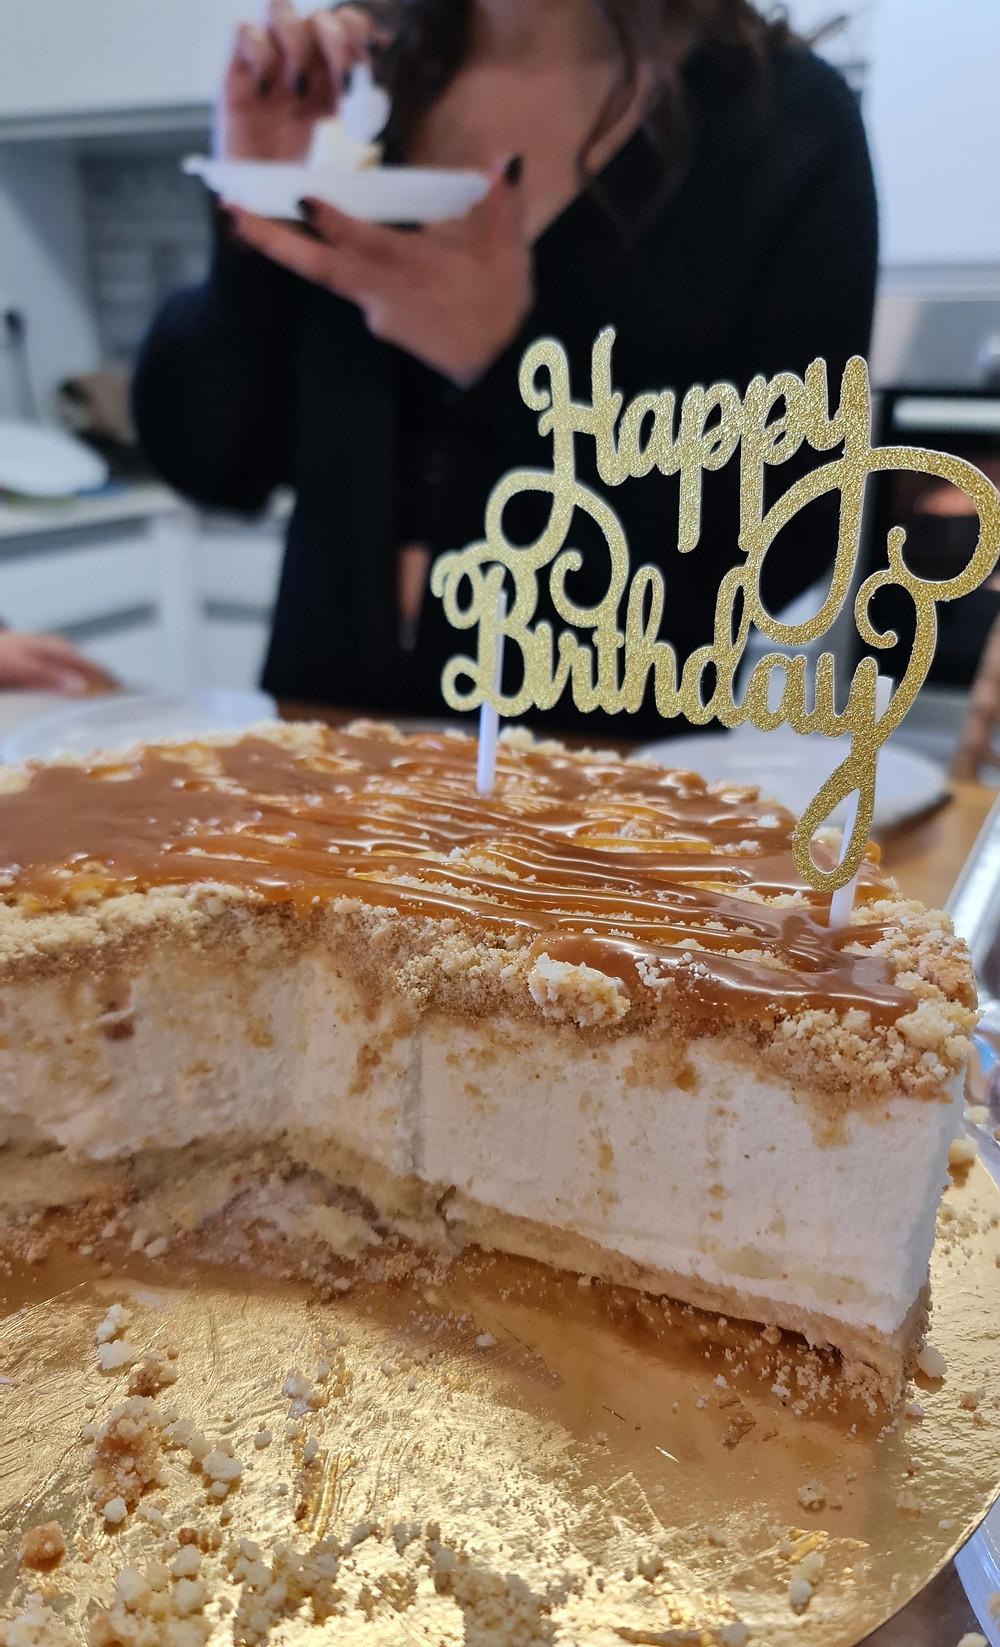 עוגת גבינה, גבינה פירורים, עוגה, גבינה, שוקולד לבן, קרמל, עוגת גבינה וקרמל  עוגתג בינה ושוקולד לבן, עוגת גבינה שוקולד לבן, עוגת גבינה פירורים ושוקולד לבן, עוגת גבינה קרה שוקולד לבן וקרמל, פליאו, ללא גלוטן, קמח כחול, קמח ורוד